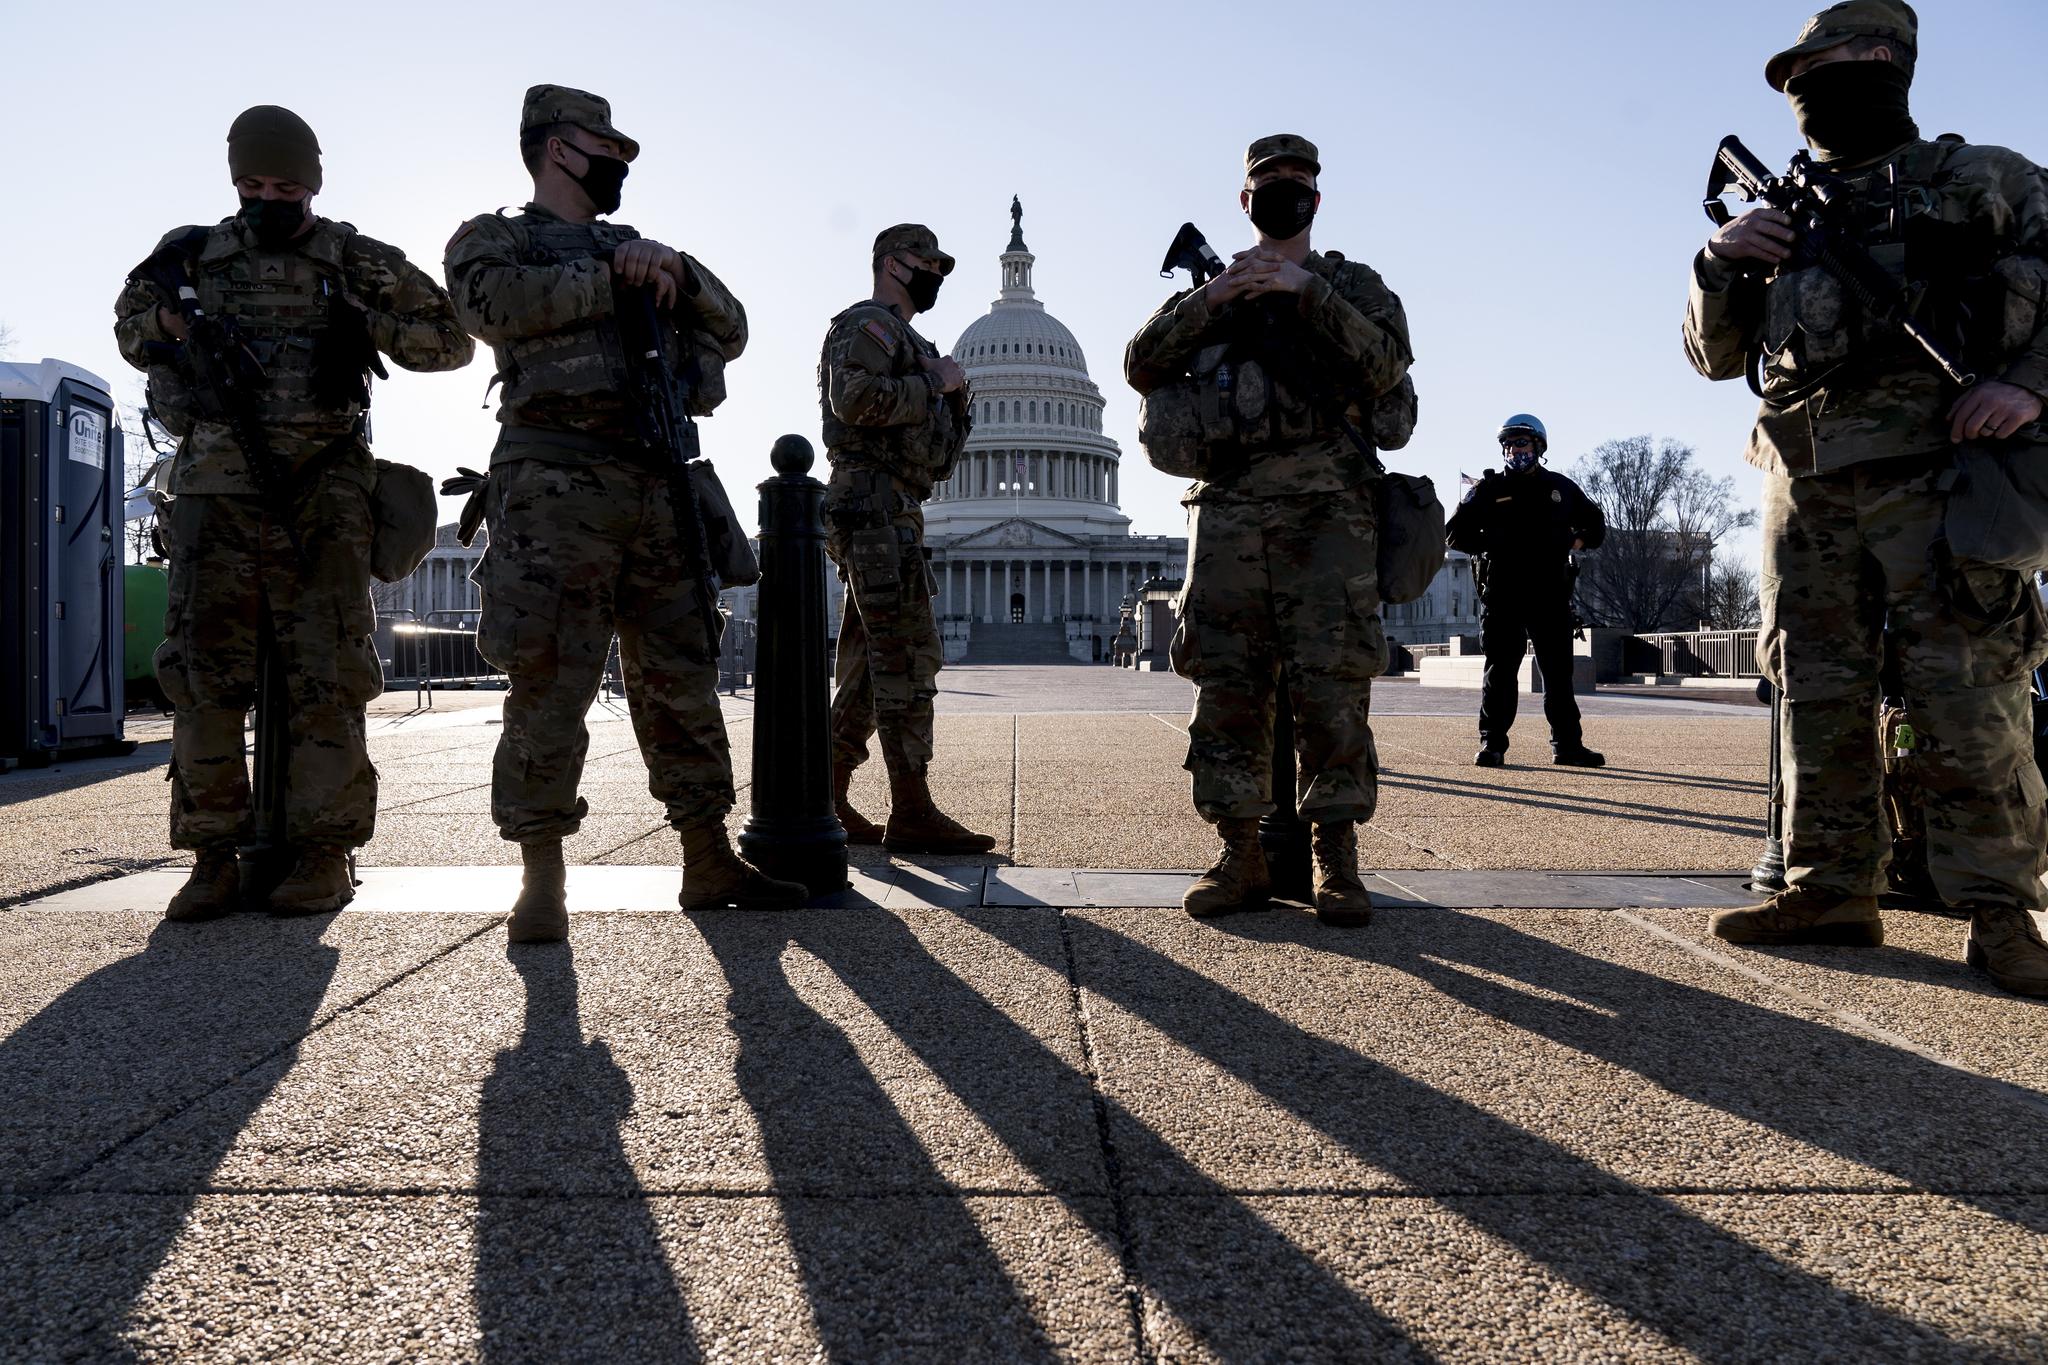 미 연방의사당을 경비하는 미시간주 방위군과 의회경찰이 3일(현지시간) 강화된 경계지침에 따라 의사당 주변을 지키고 있다. 의회경찰은 최근 민병대의 의사당 침입에 대한 정보를 입수했다고 밝혔다. AP=연합뉴스